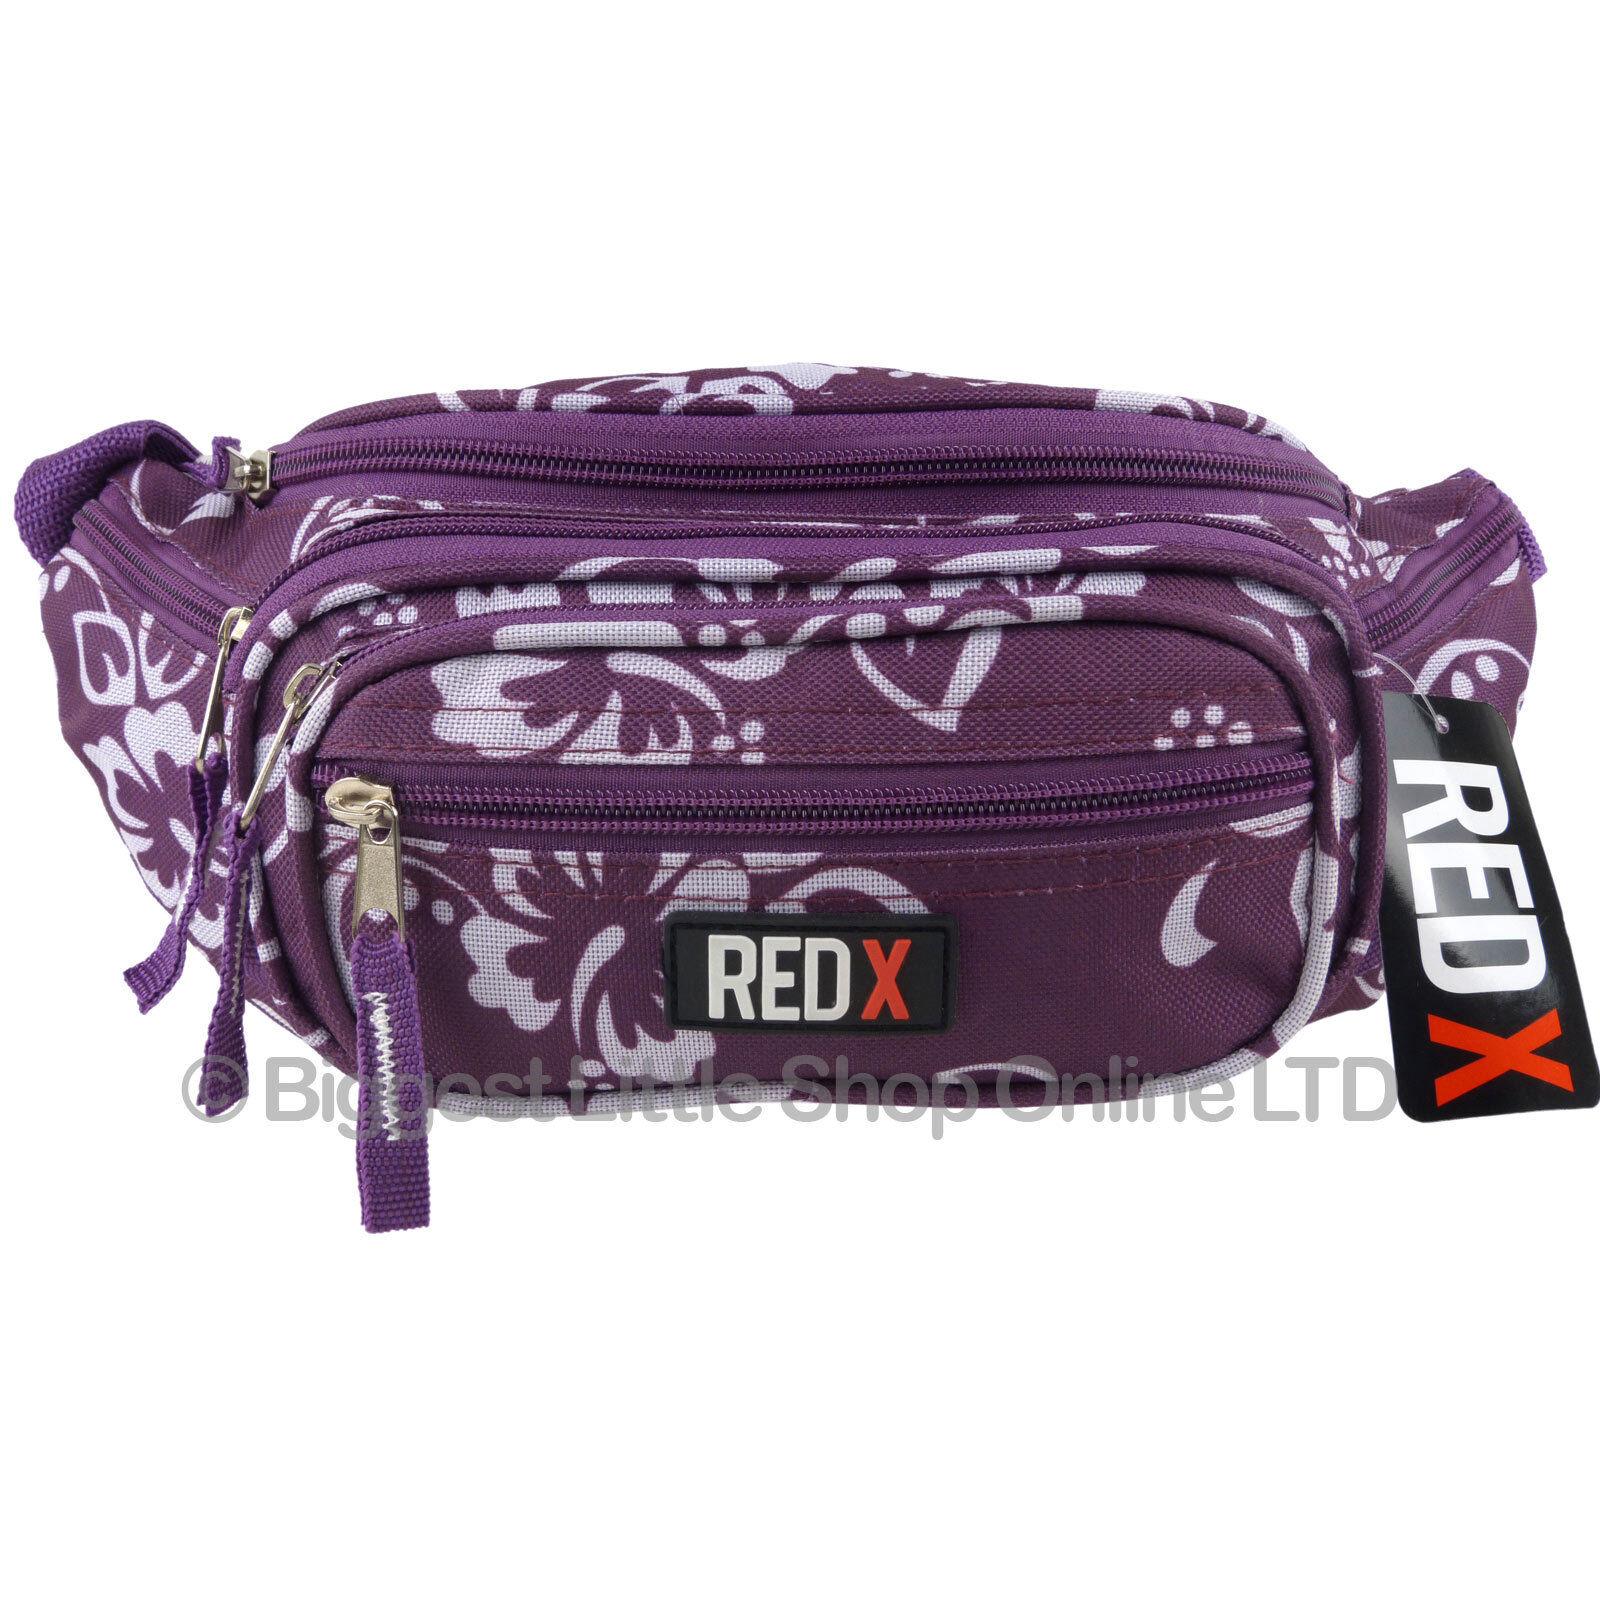 Neuf femme filles toile toile toile hibiscus taille bum sac par x rouge voyage vacances festival 117da9